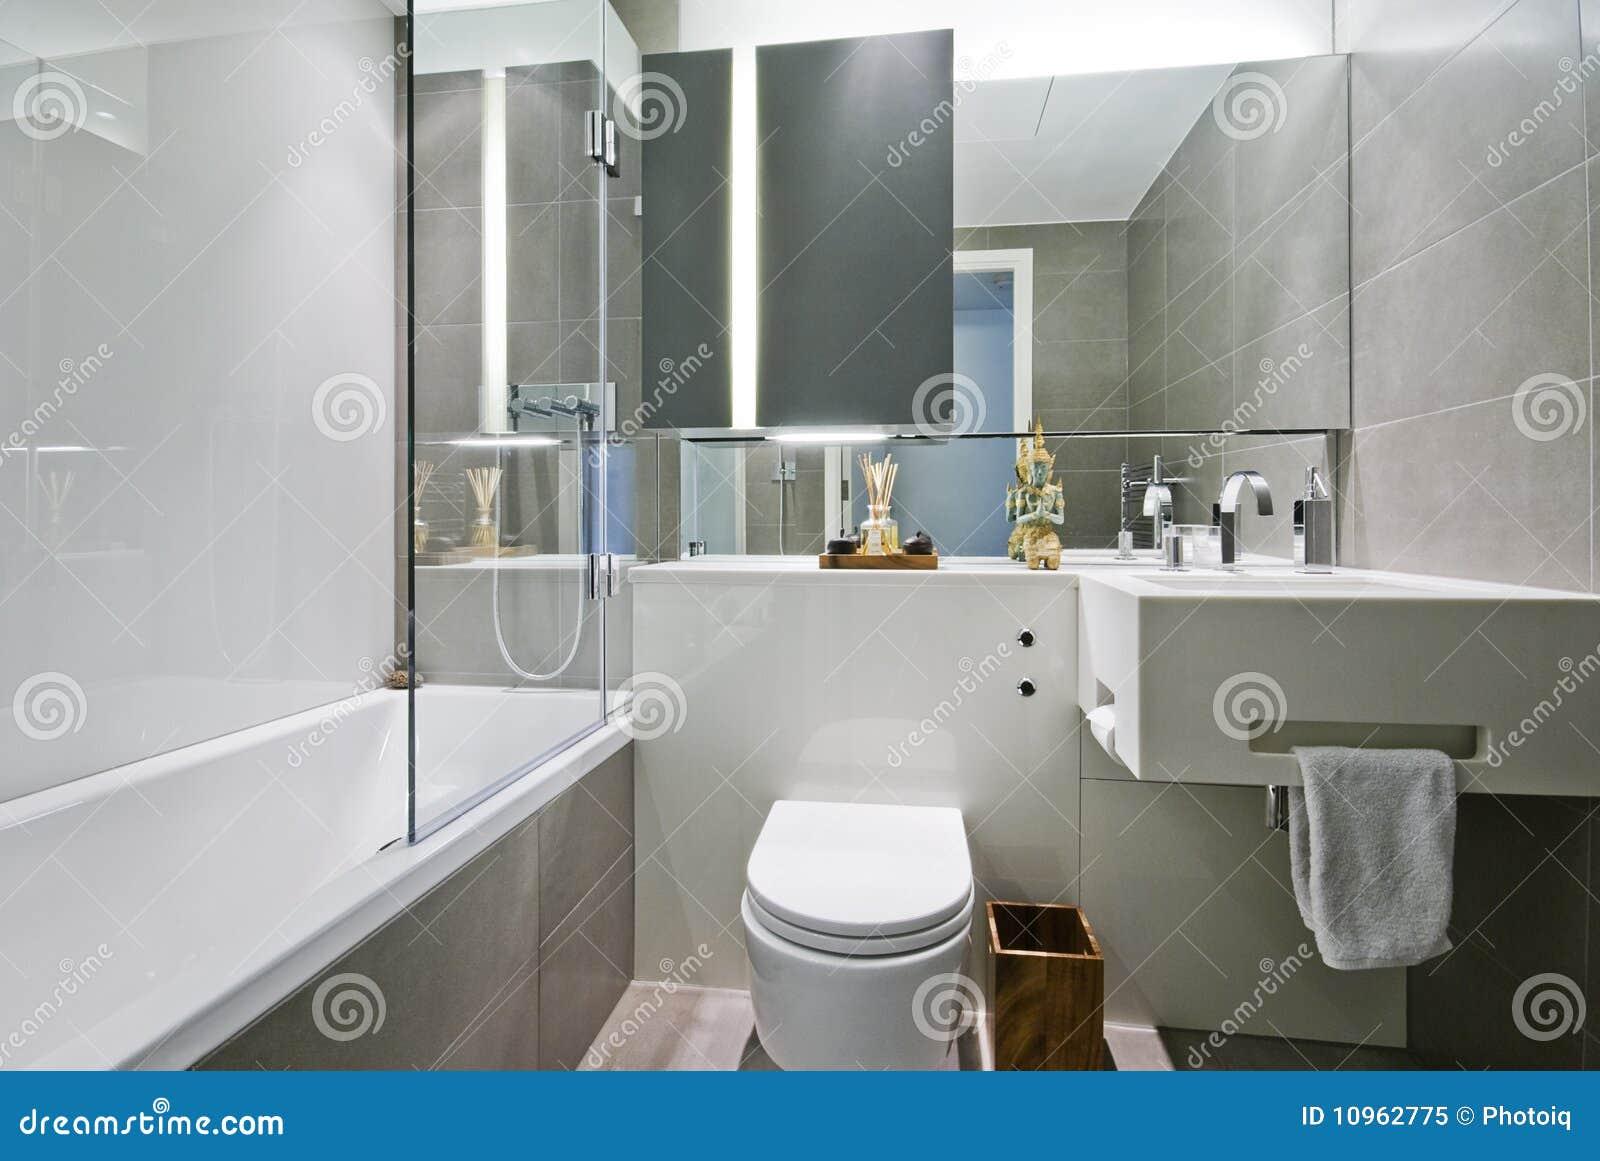 salle de bains de luxe avec la dcoration indienne - Salle De Bain Decoration Indienne